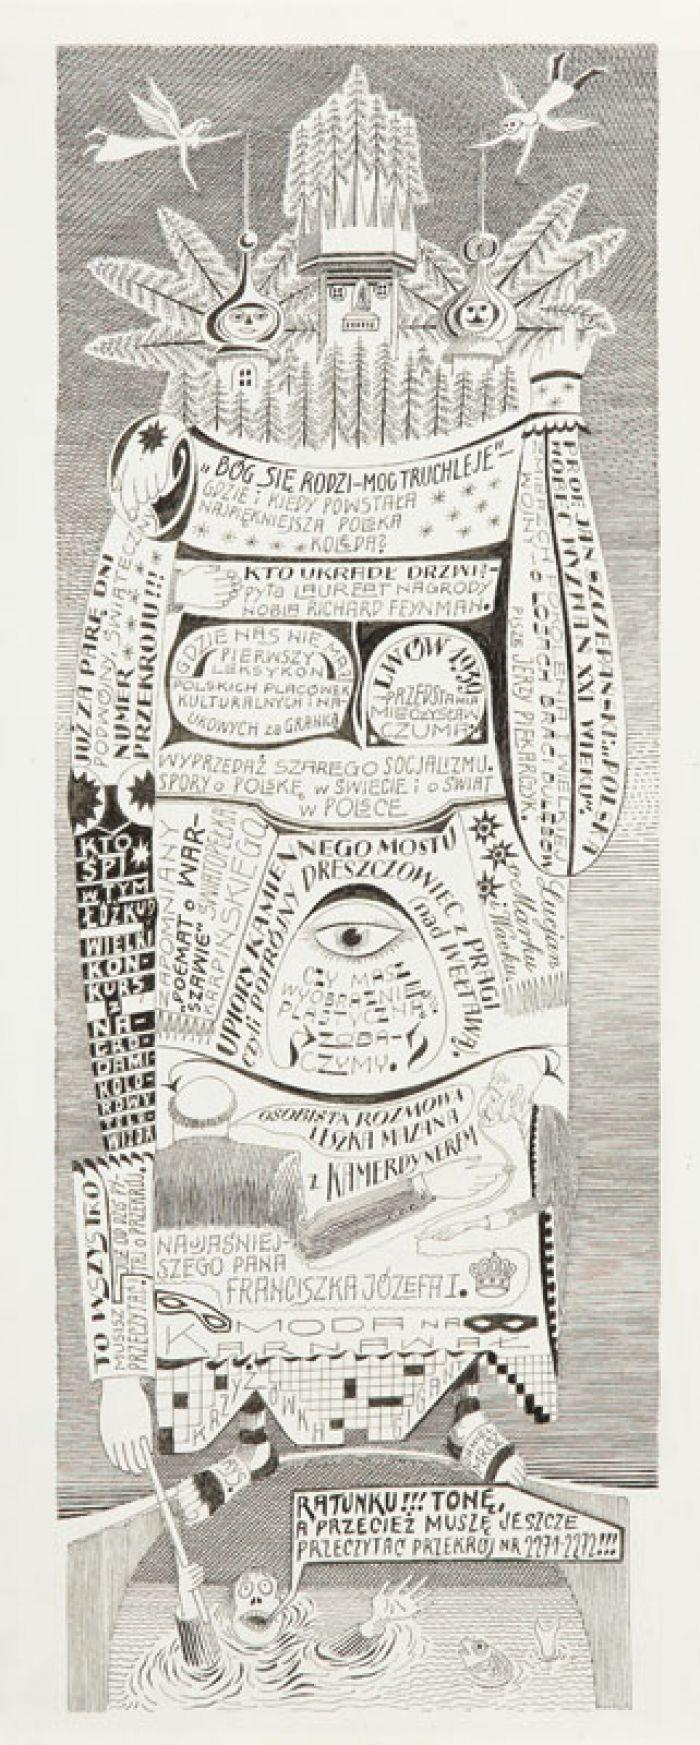 Daniel Mróz - Przekrój nr 2271-2272, 1988 r., ilustracja do czasopisma